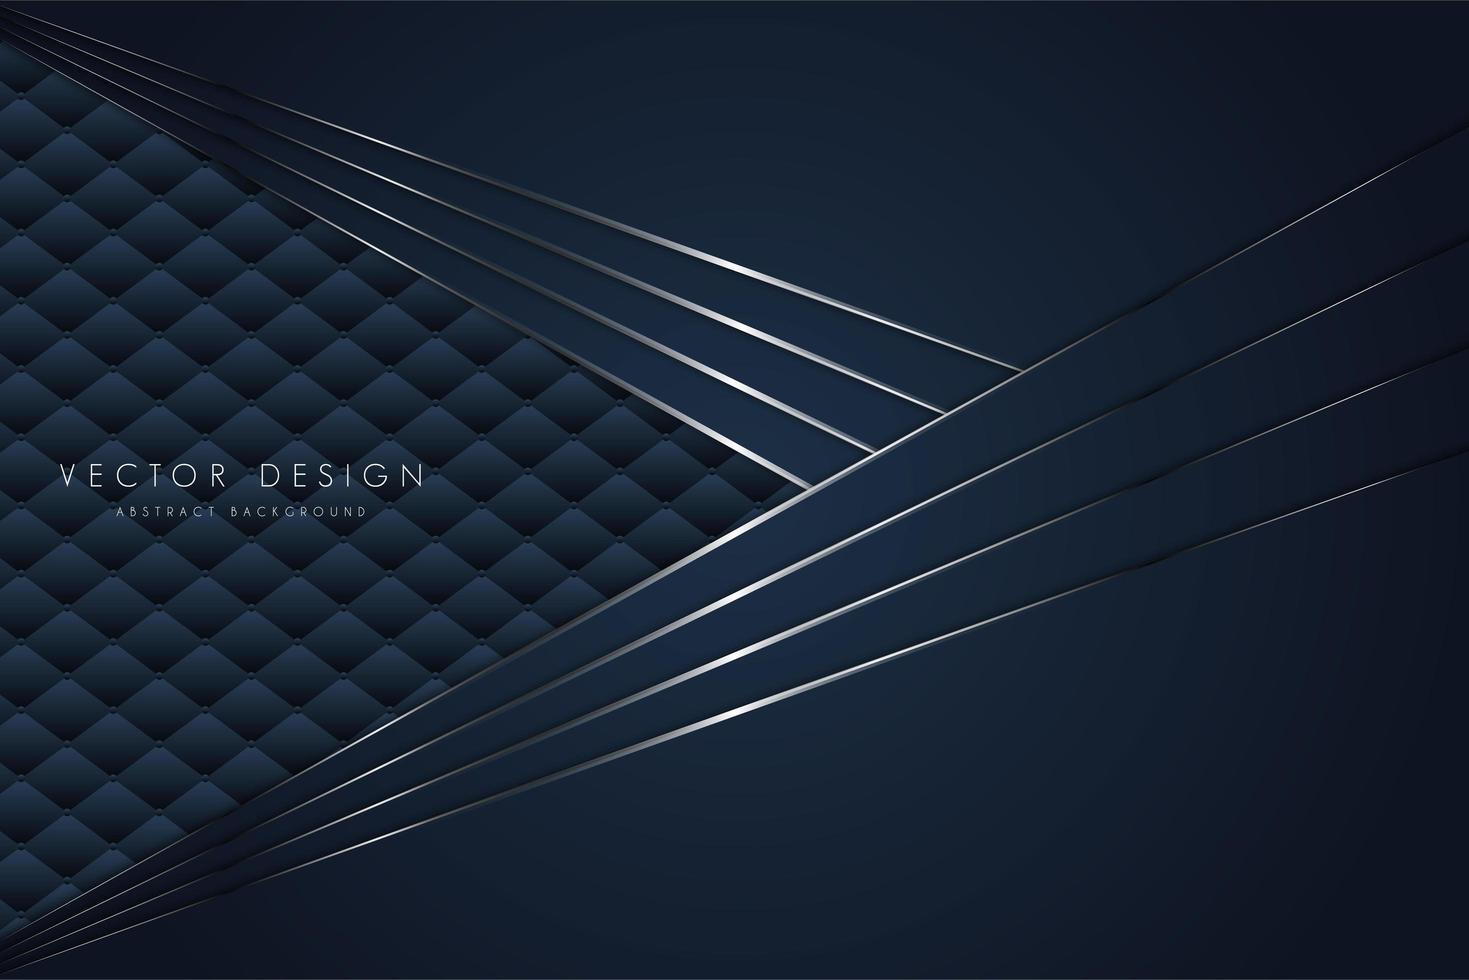 Couches coudées bleu métallique sur la texture du revêtement vecteur